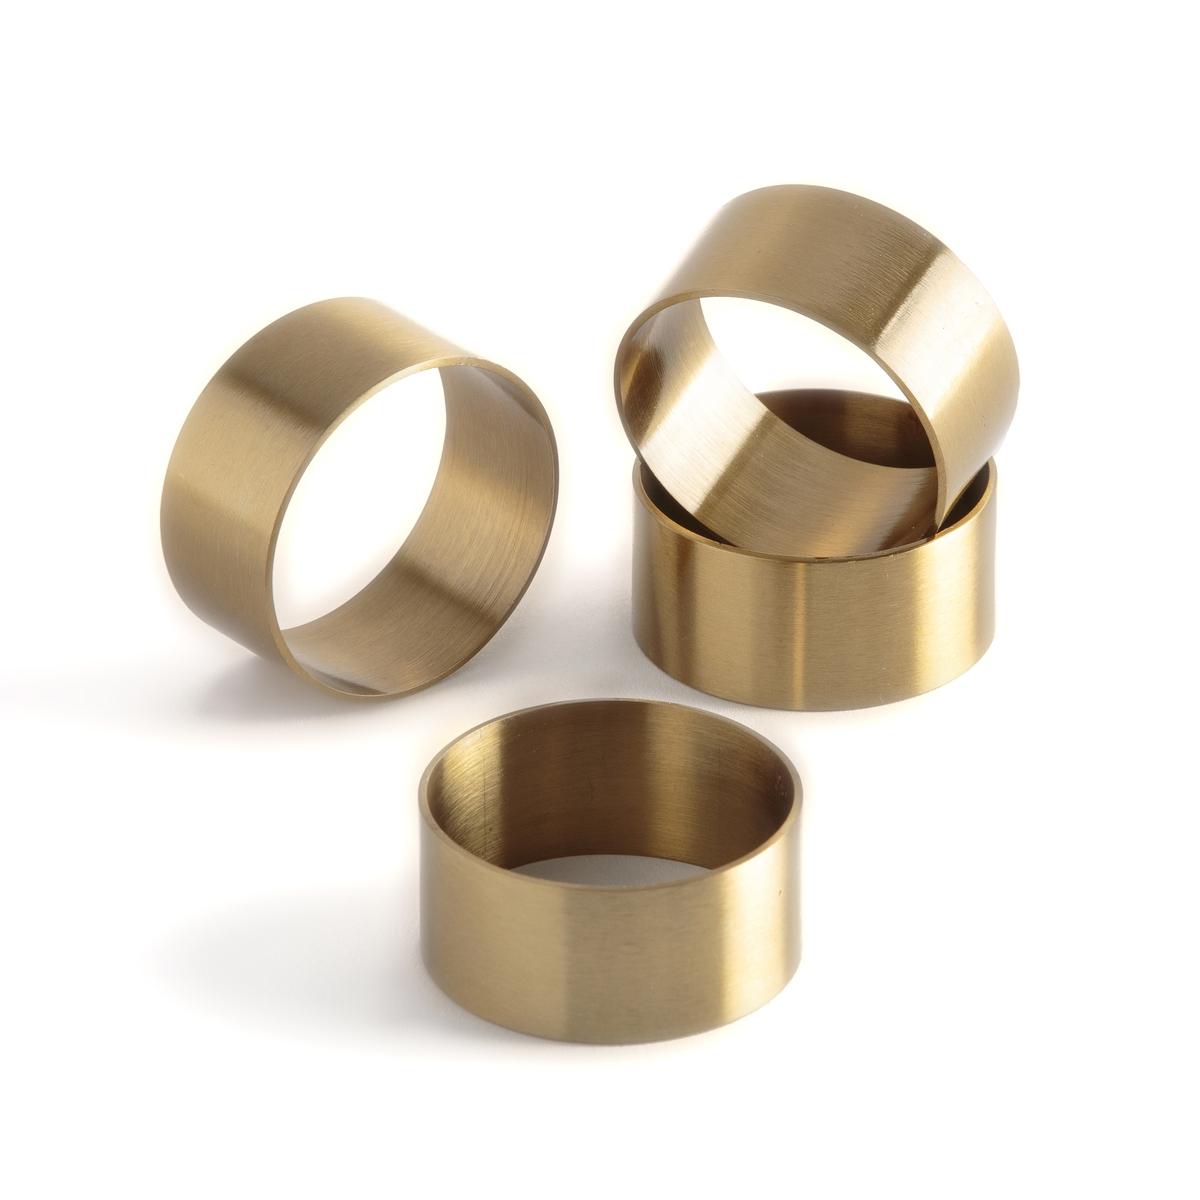 Комплект из 4 колец золотого цвета для салфеток , DAJAN комплект из 4 колец для салфеток kubler